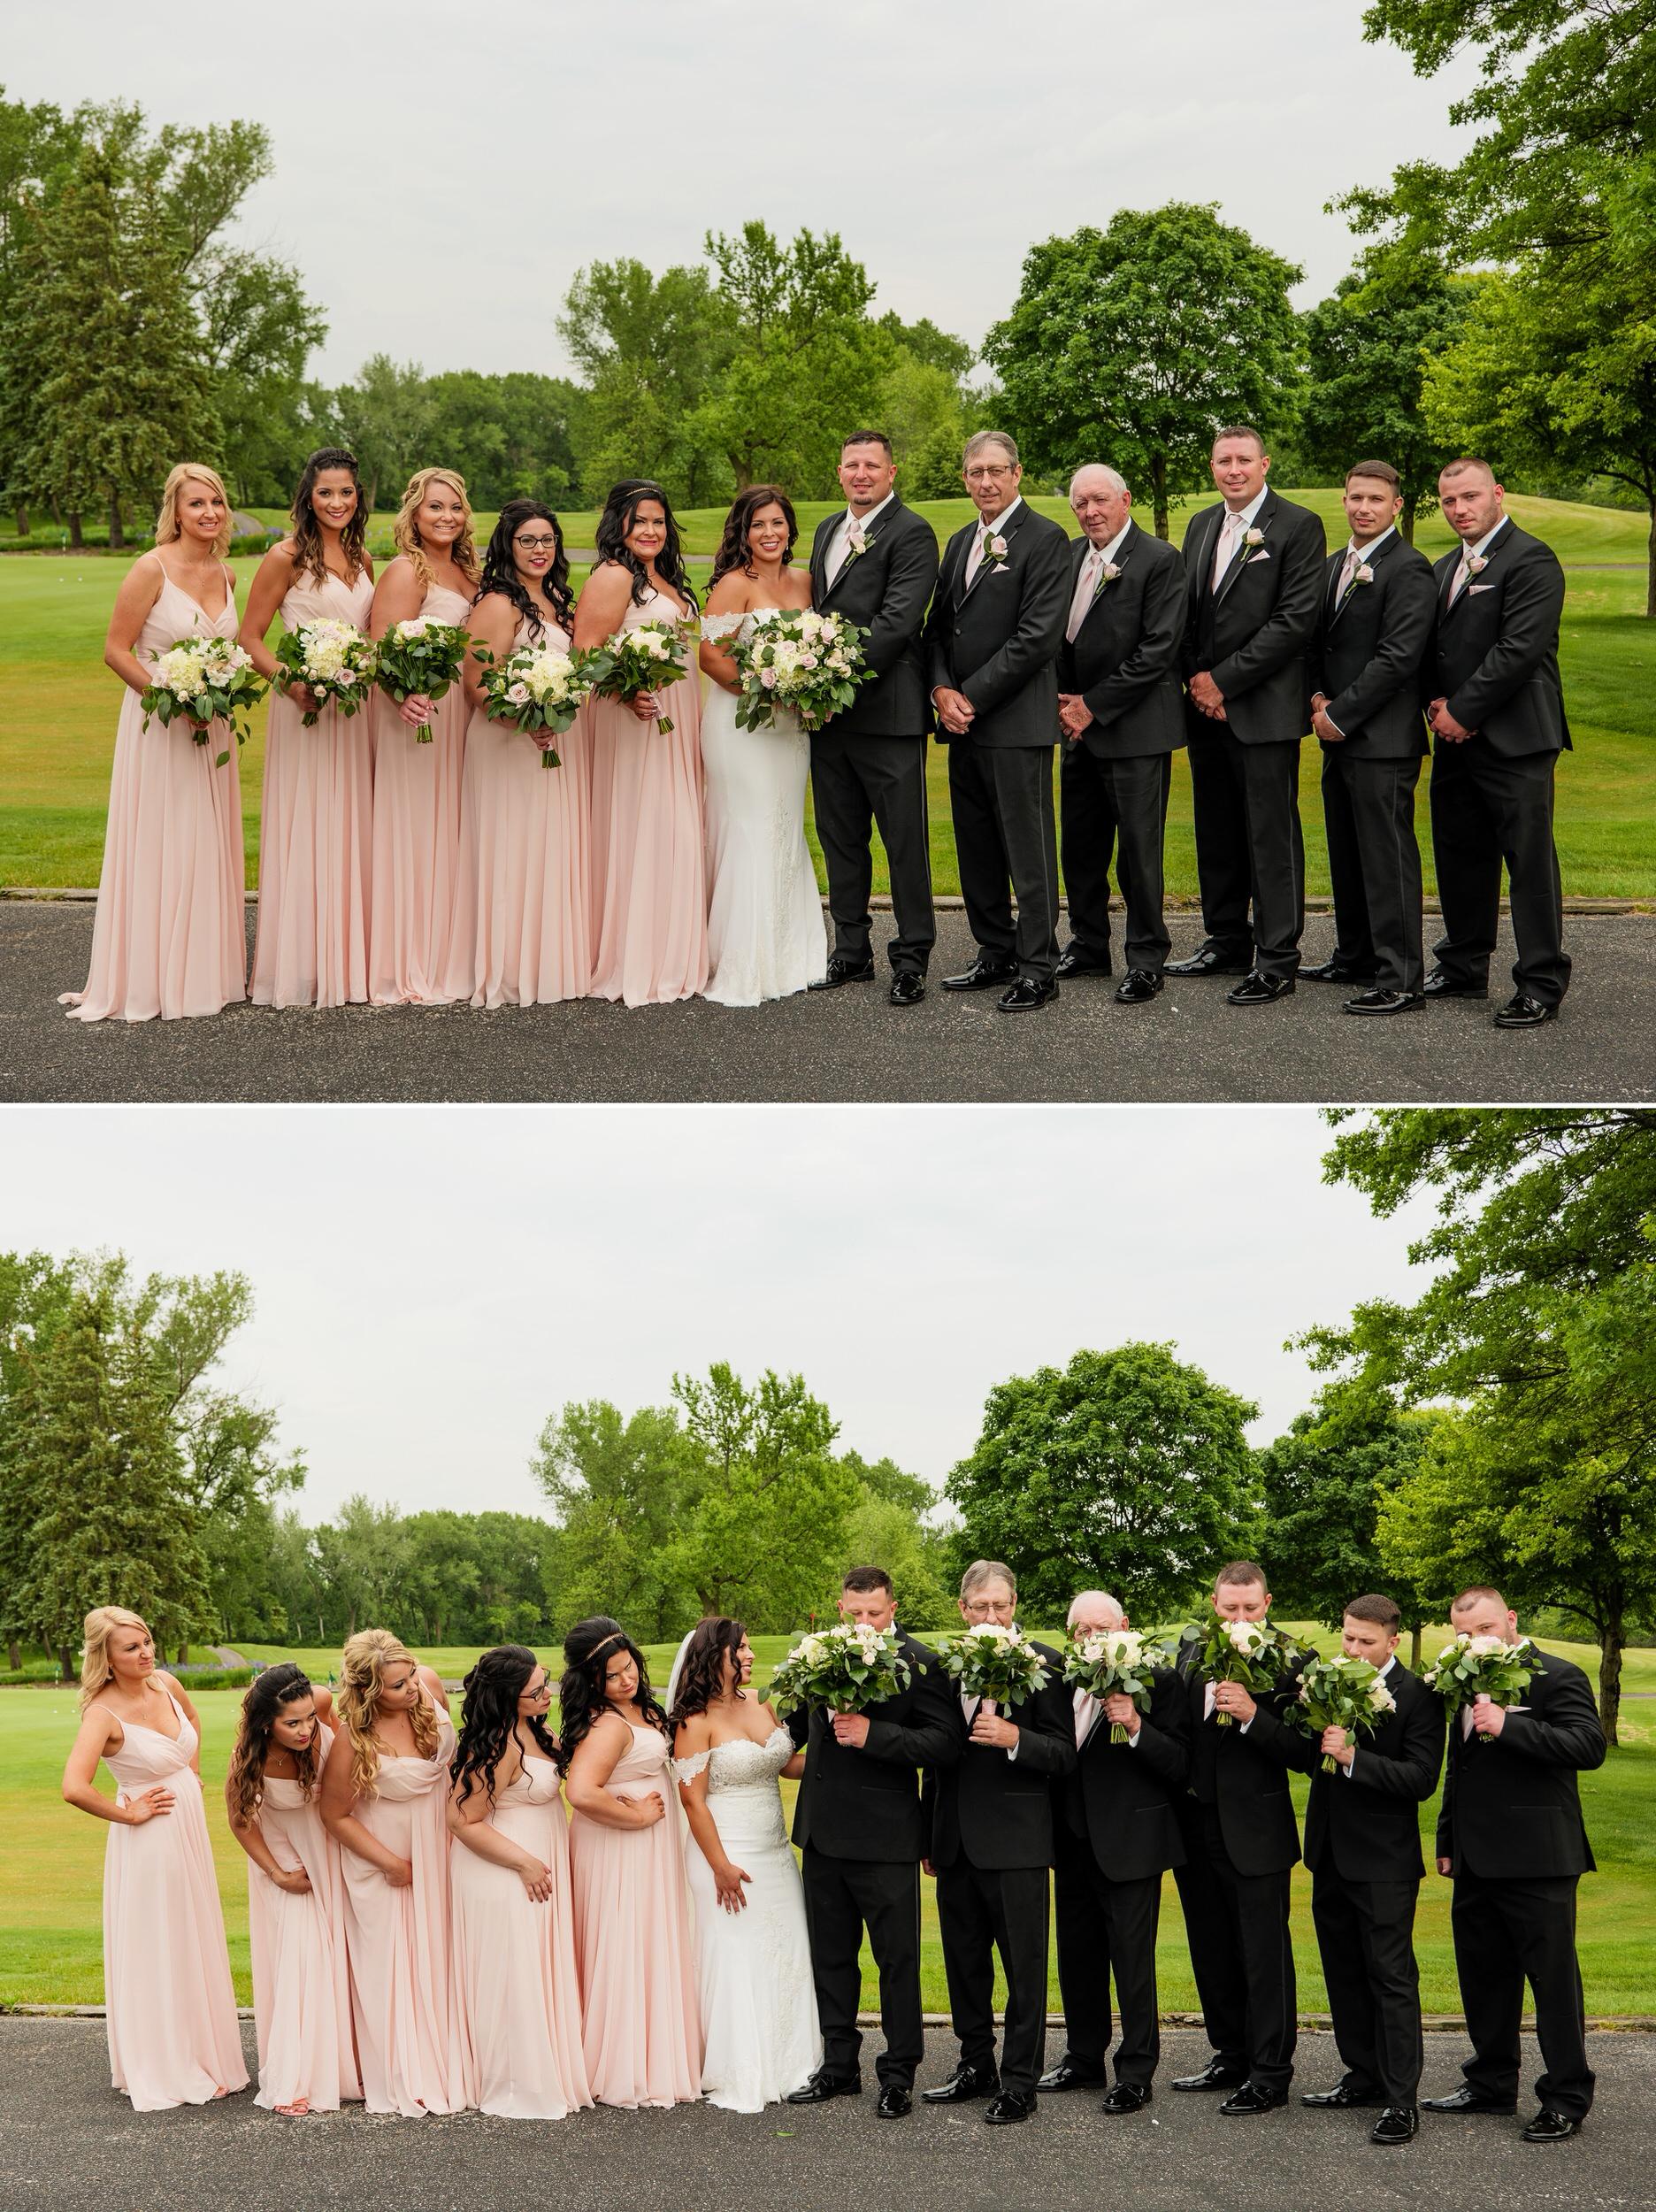 Wedding party group photos.